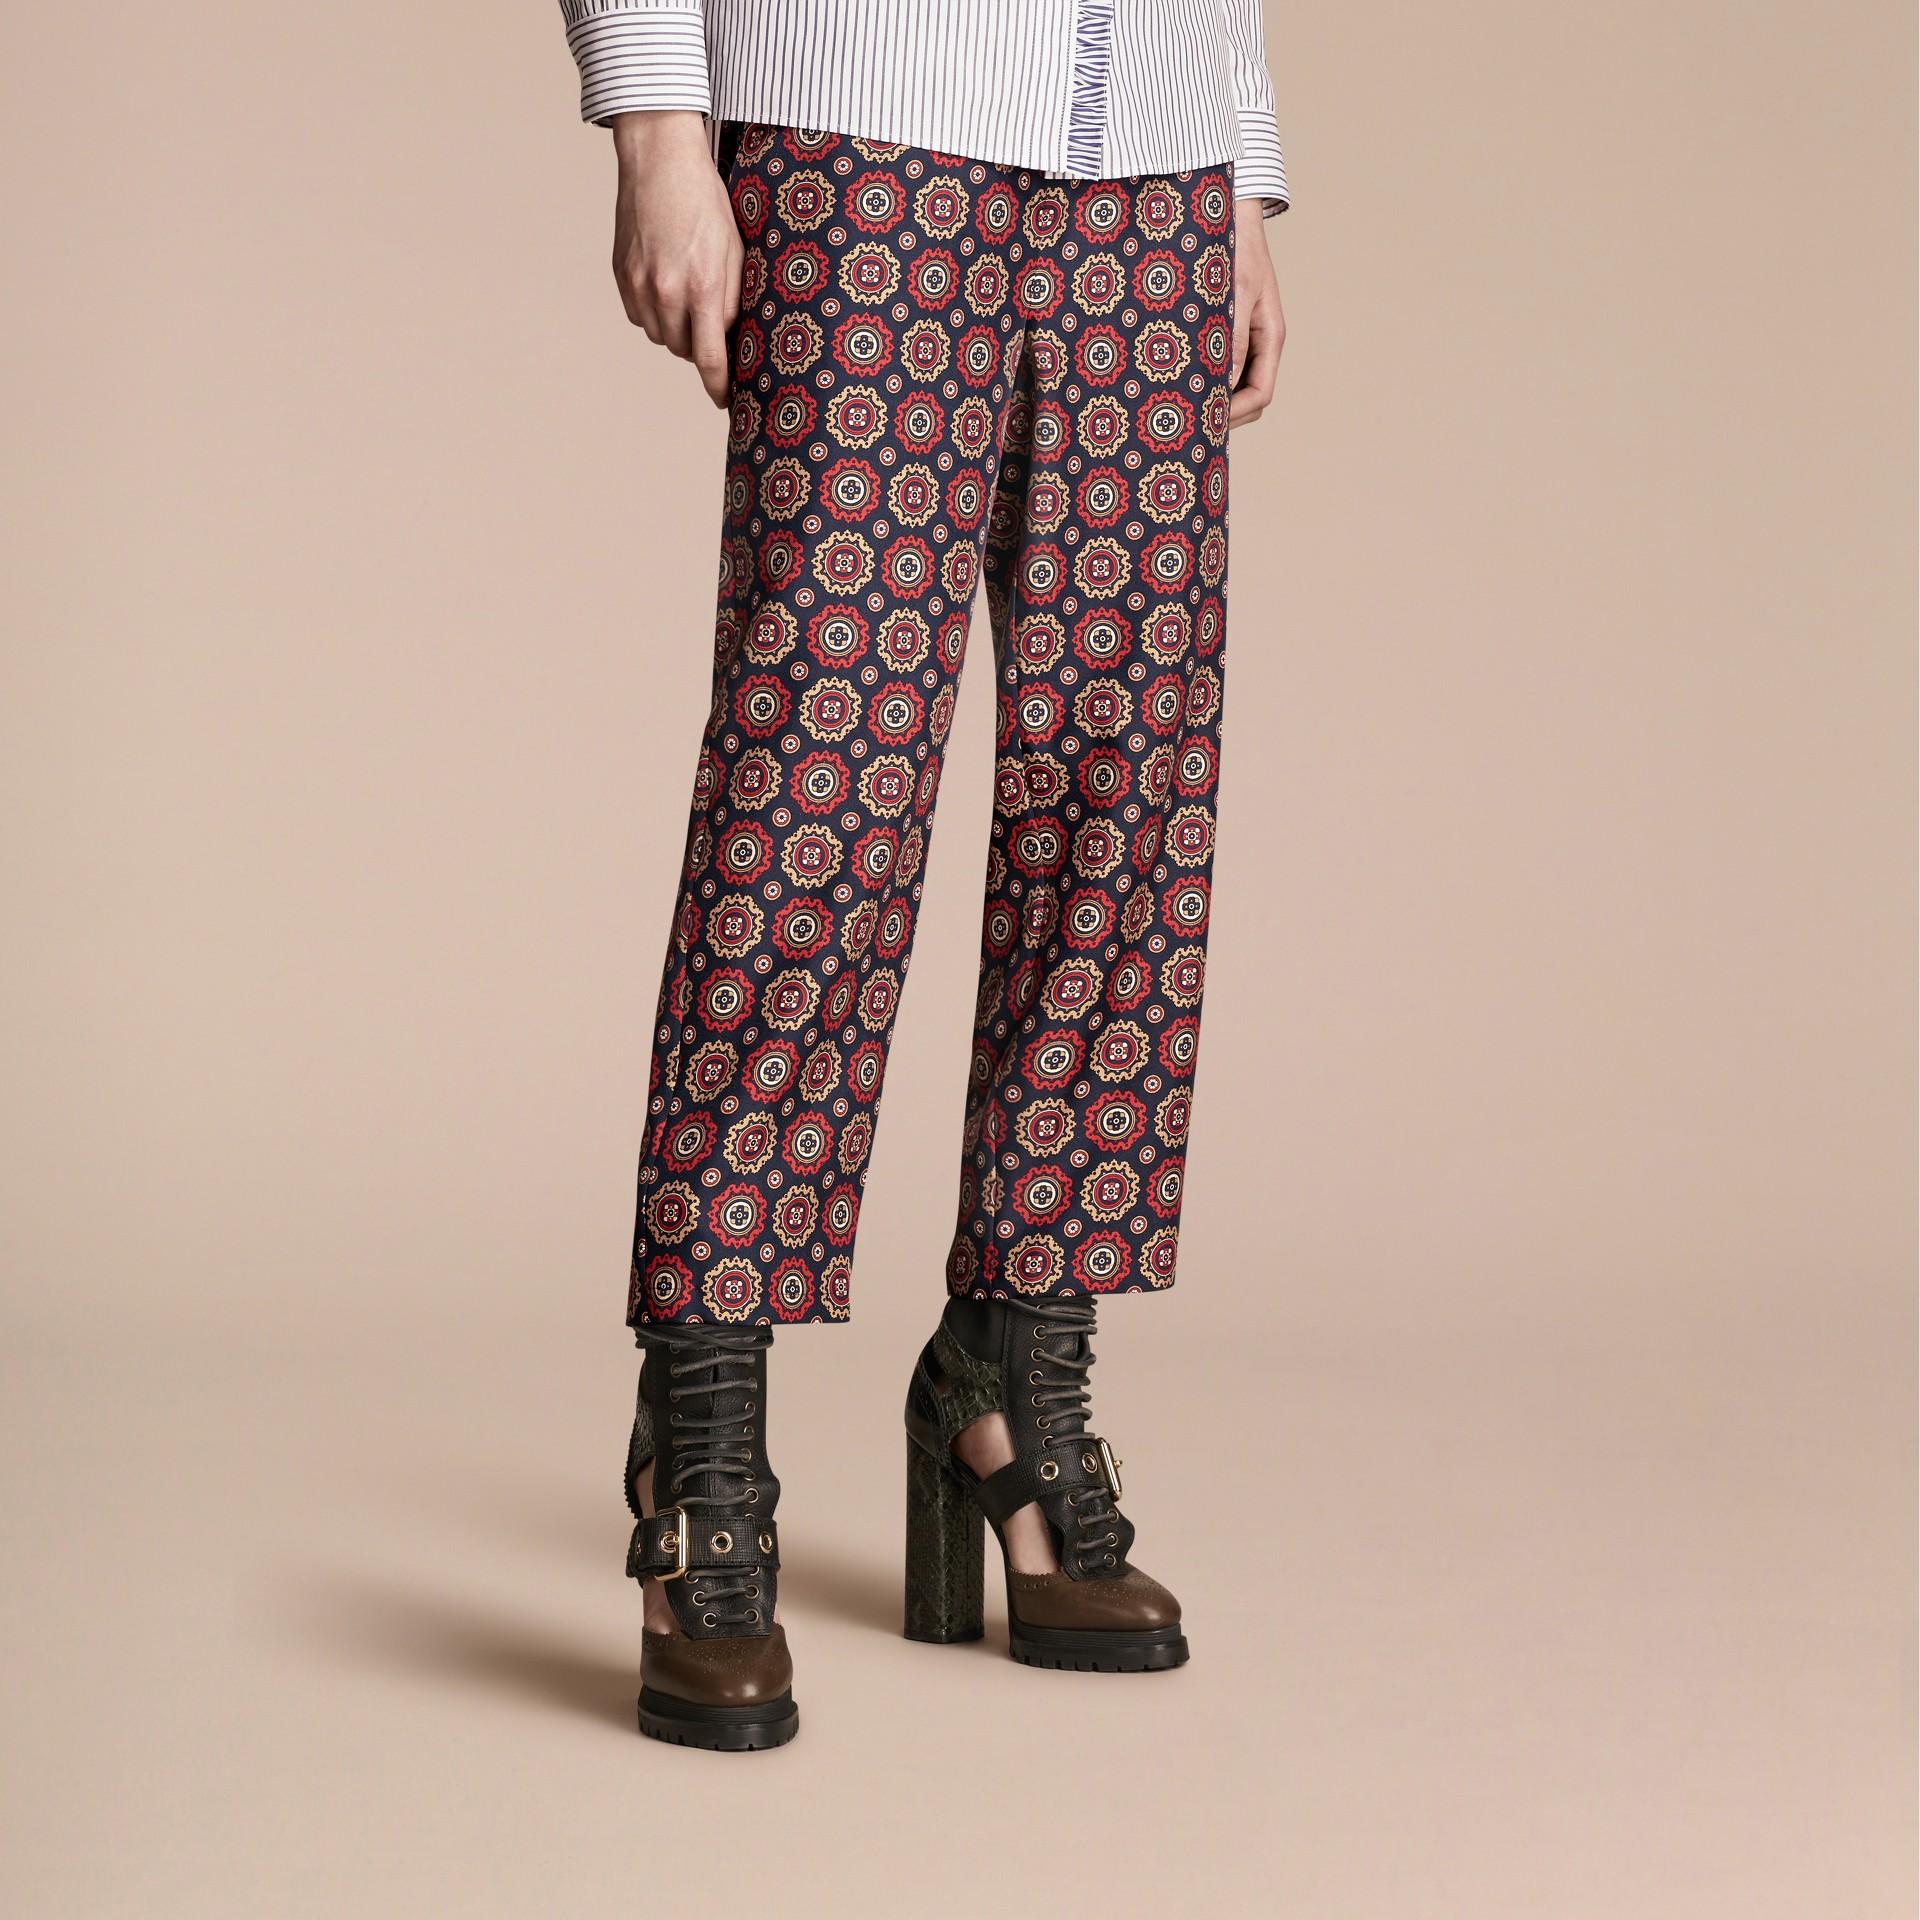 Azul marinho Calças estilo pijama curtas de sarja de seda estampadas - galeria de imagens 1